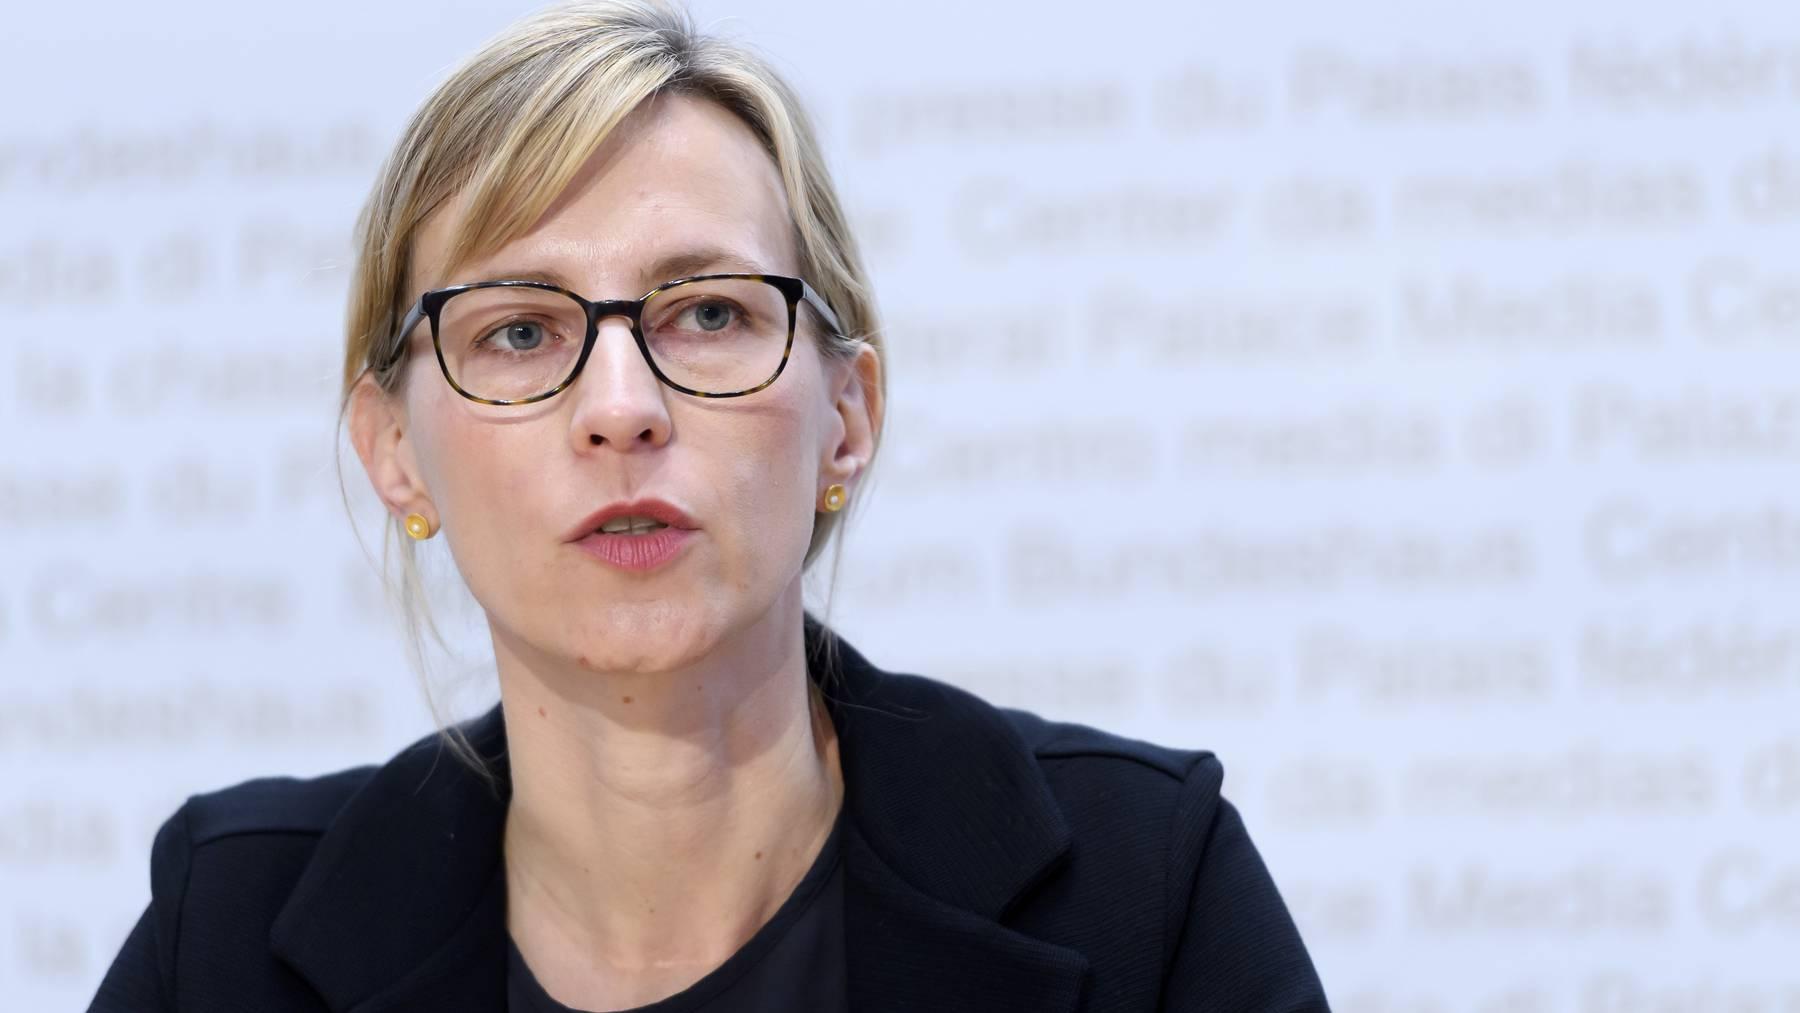 Isabella Eckerle vom Univeritätsspital Genf hat kein Verständnis für Diskussionen um die Maskenpflicht.